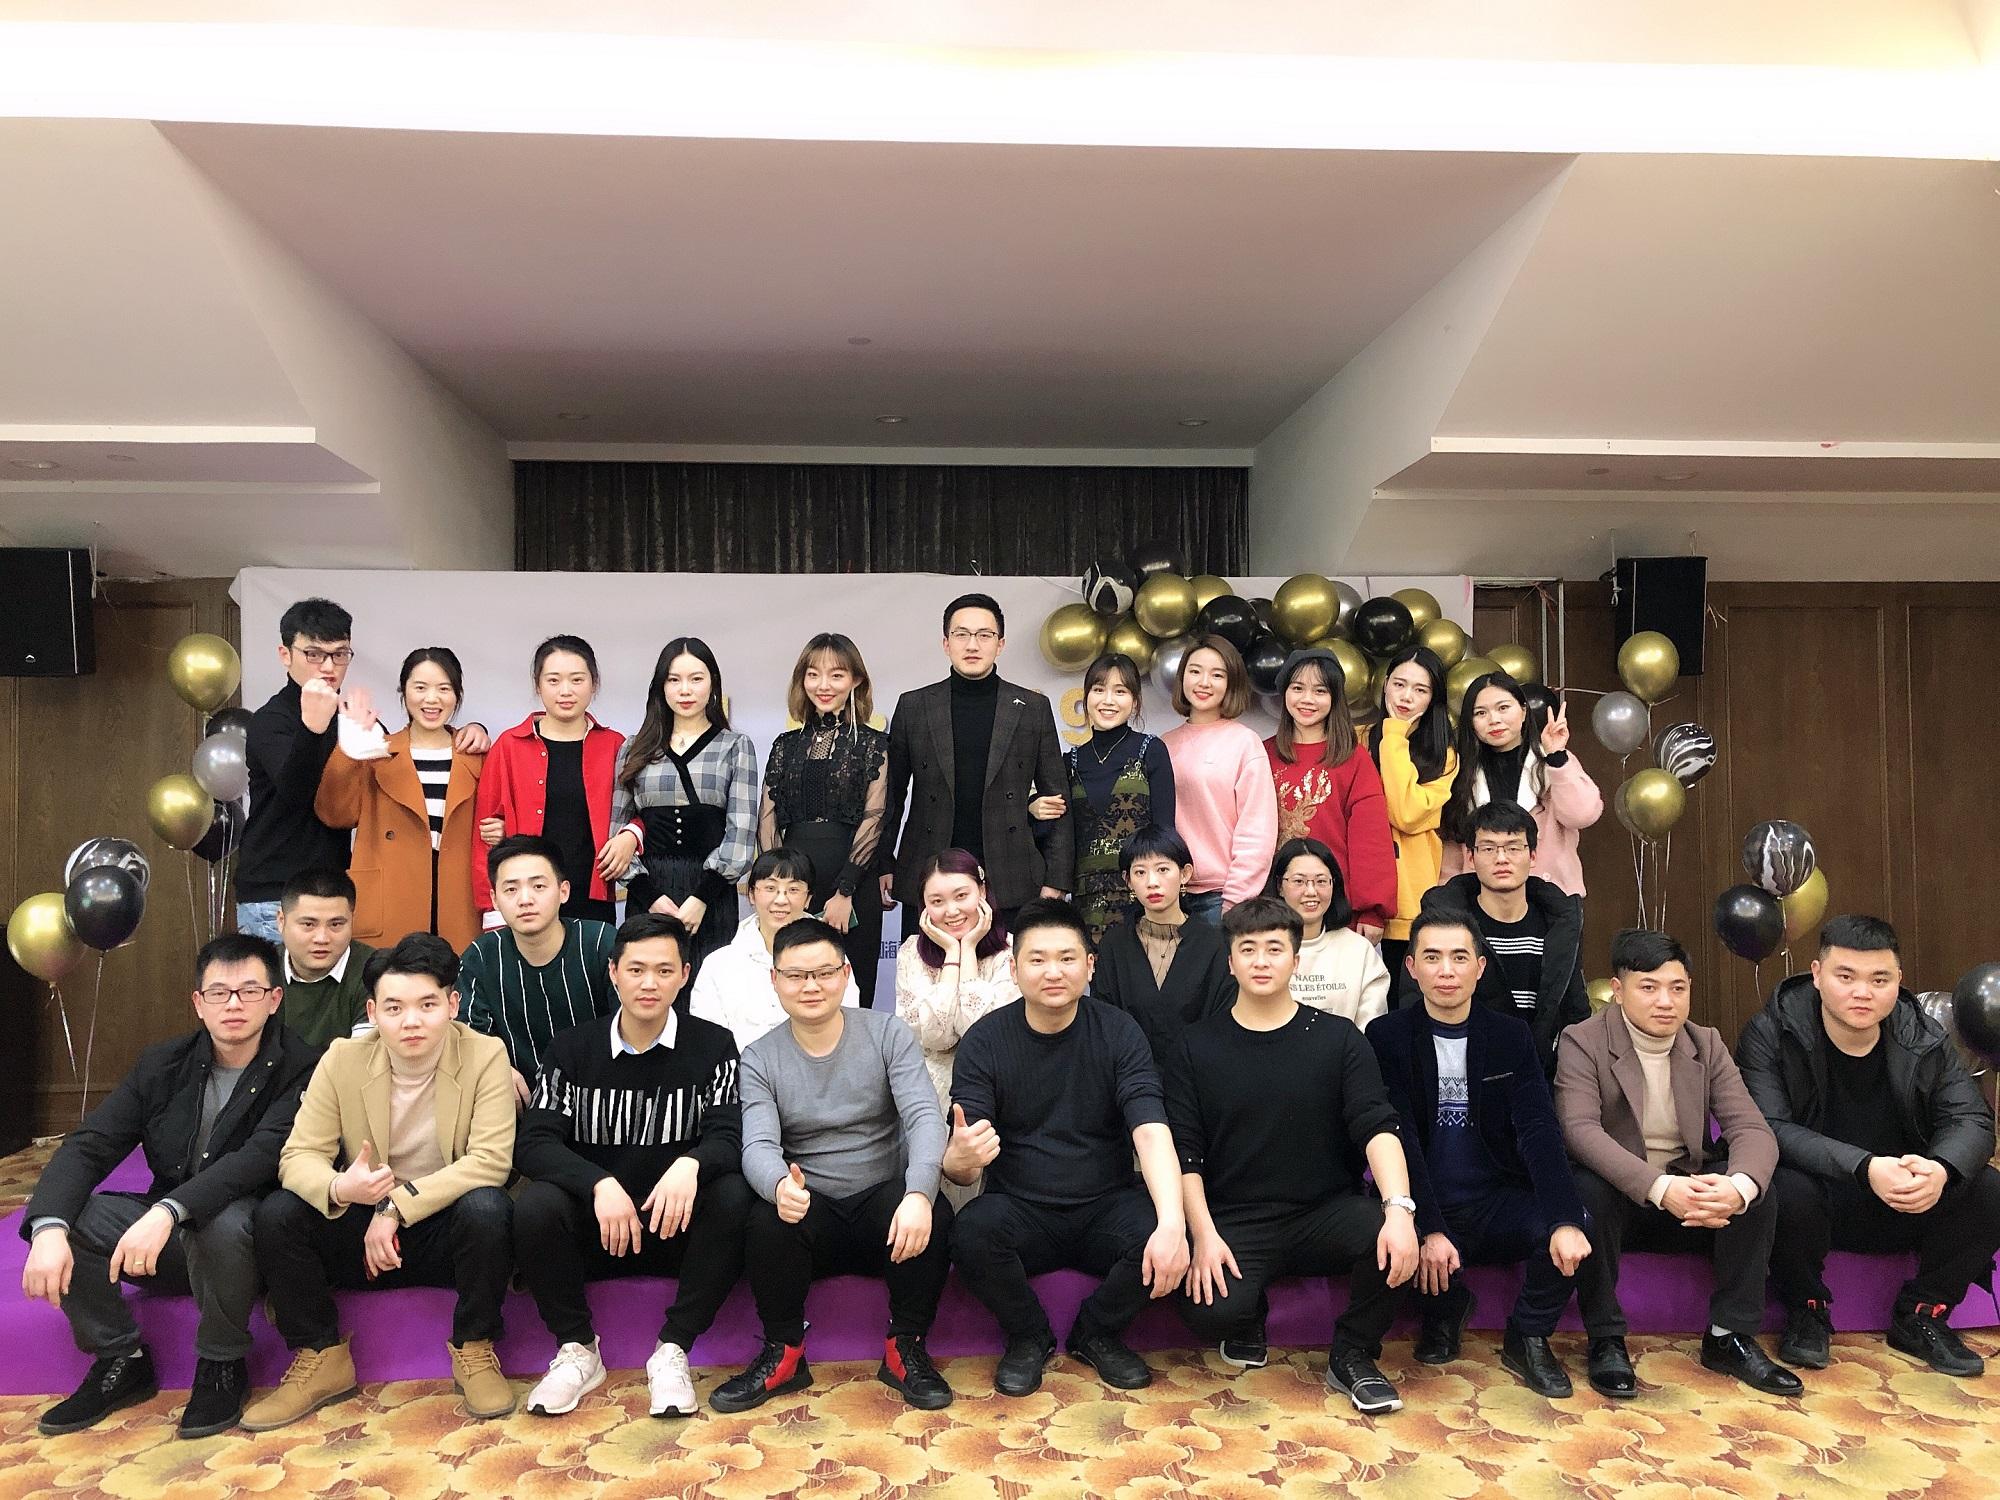 温州嗨童游乐设备有限公司2018年终总结大会